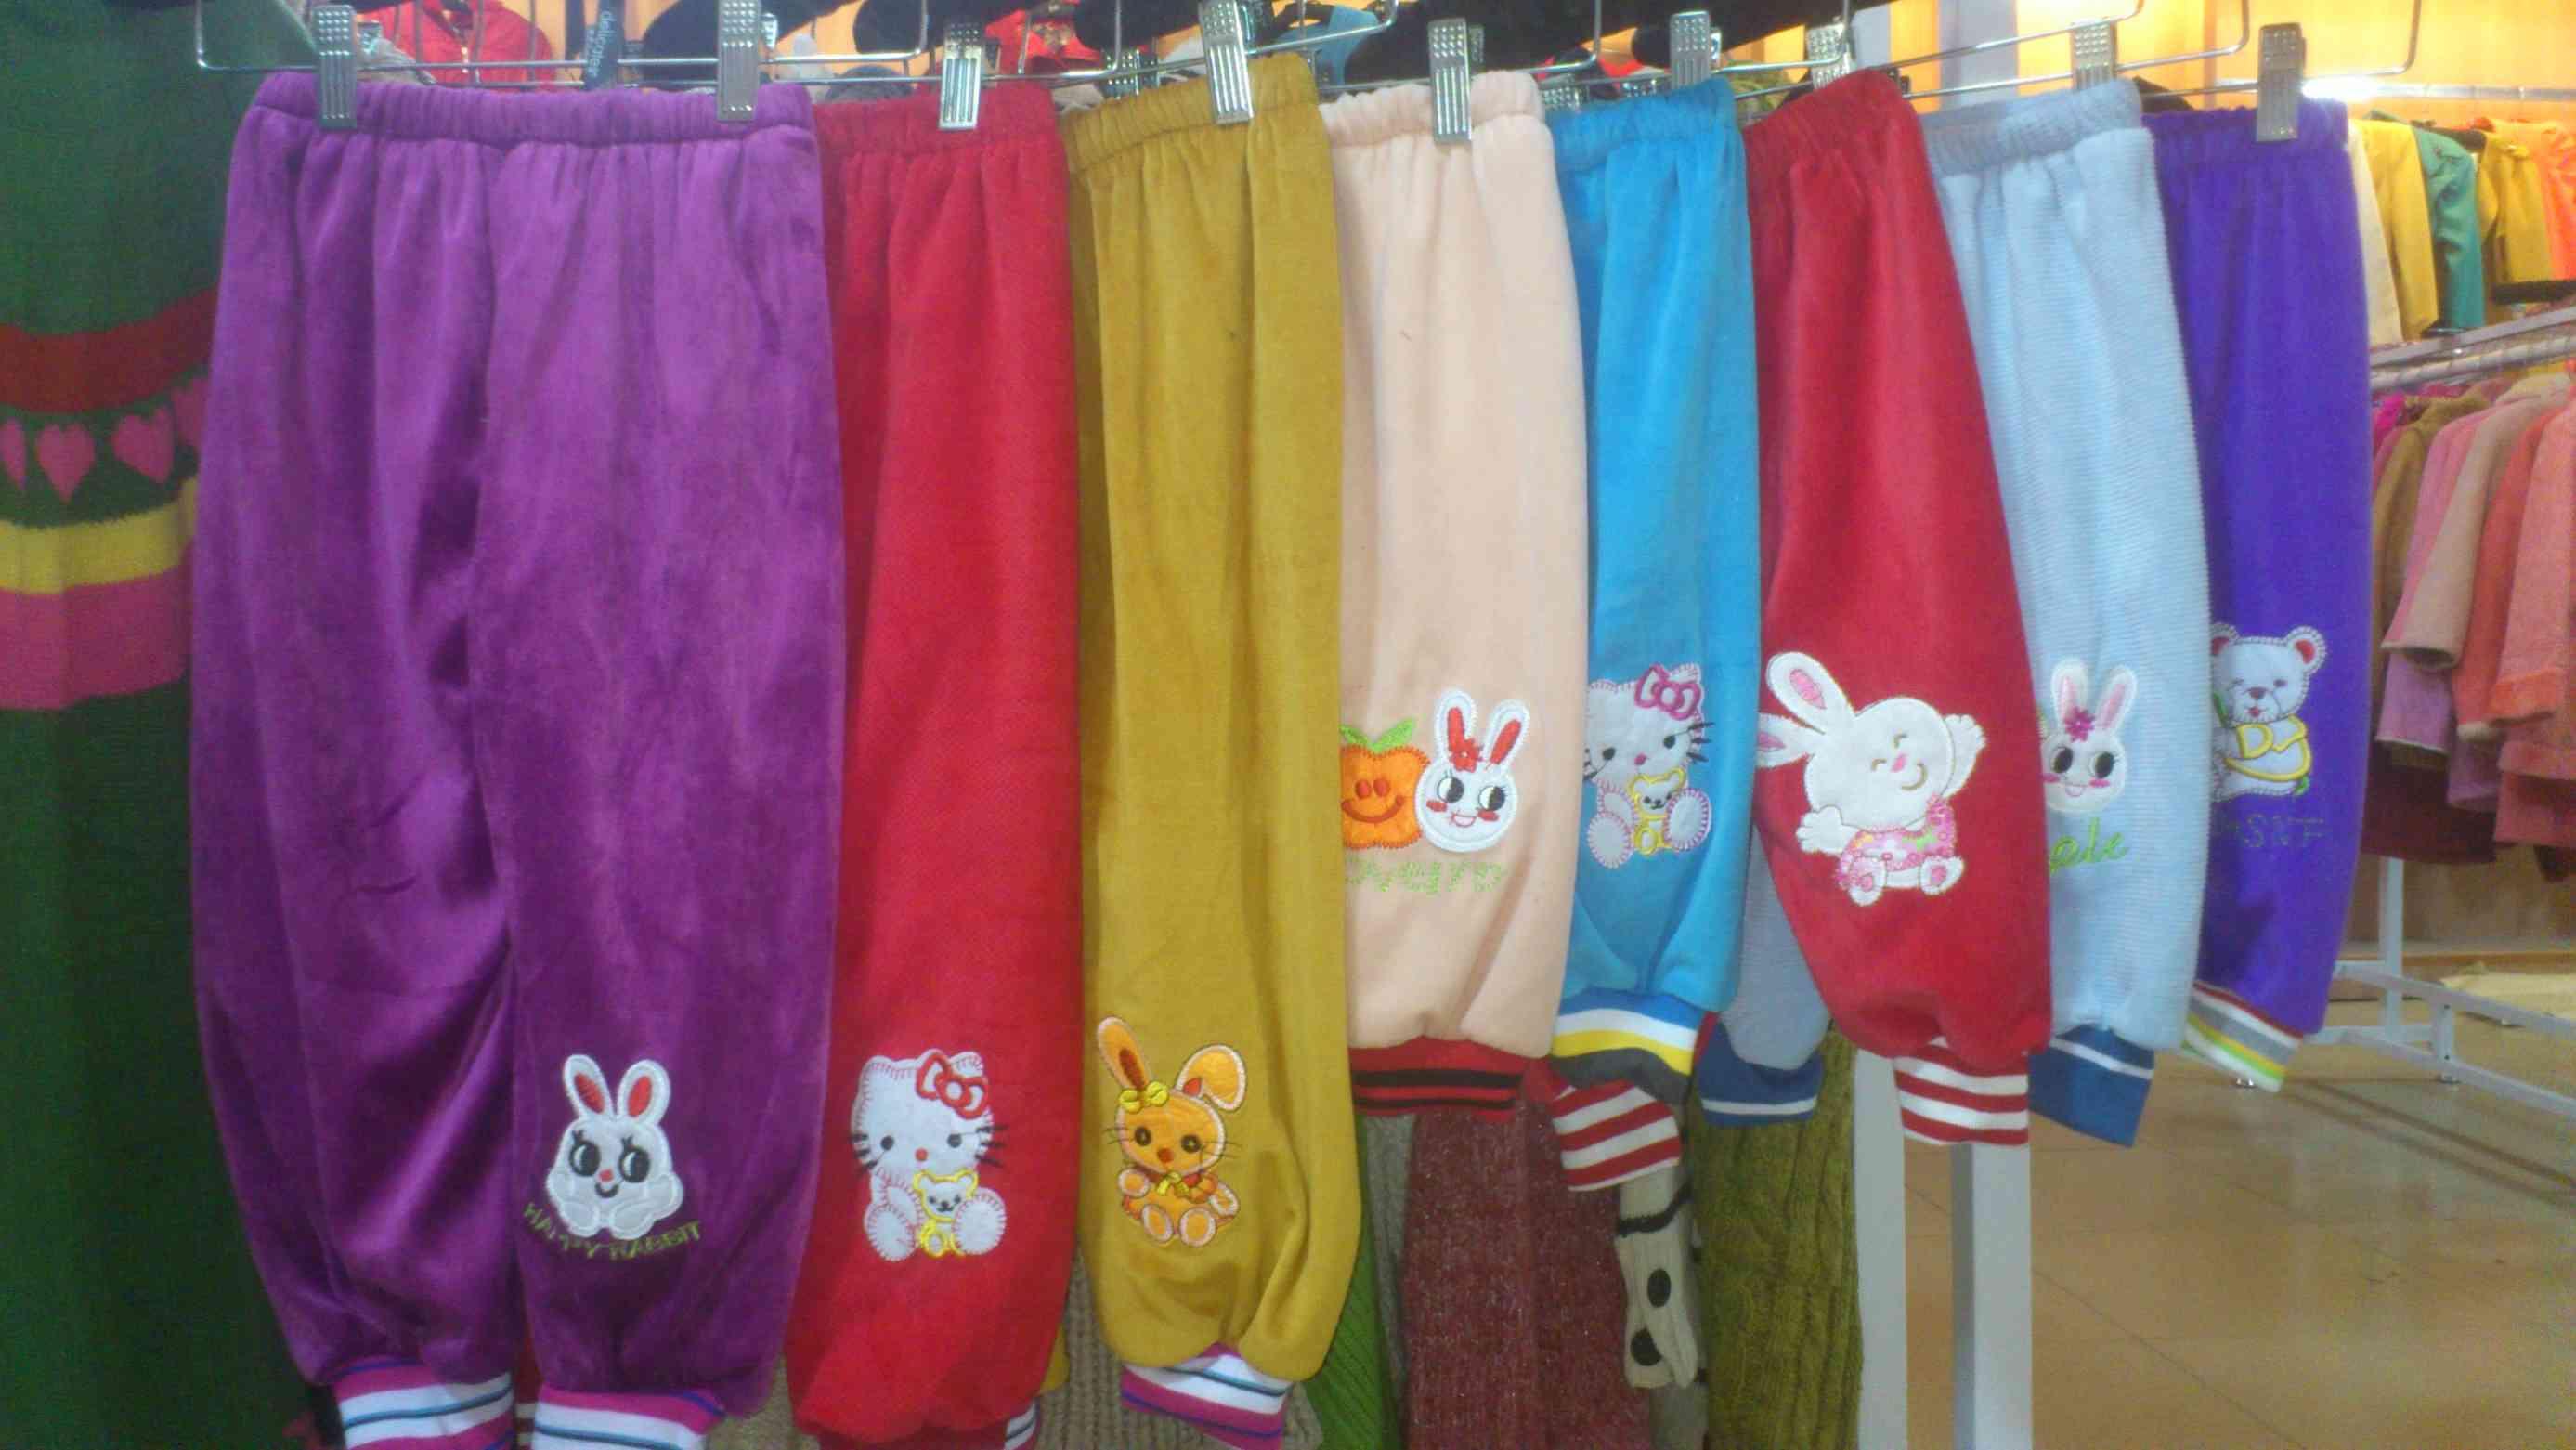 冬季小孩的棉裤价格北京大红门5元童装棉裤9元童装棉裤批发